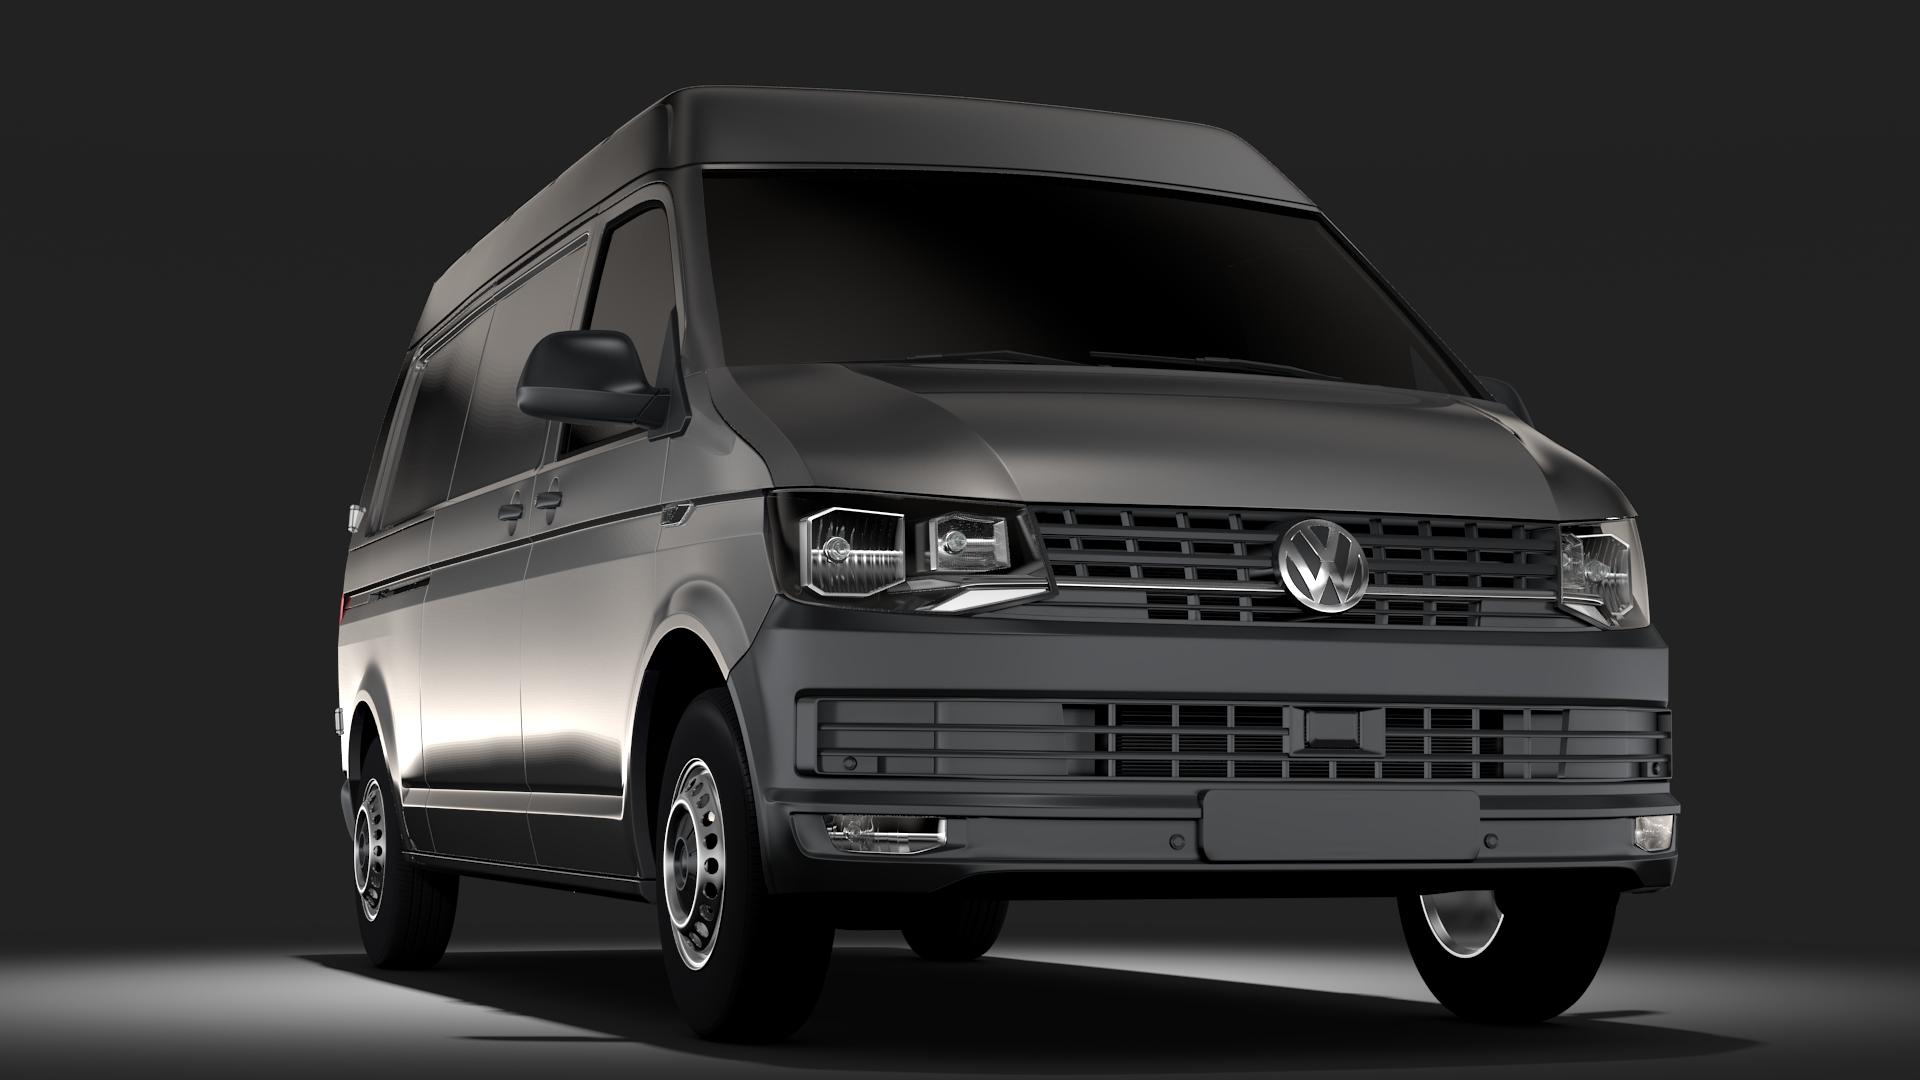 volkswagen transporter van l2h2 t6 2017 3d model max fbx c4d lwo ma mb hrc xsi obj 275259